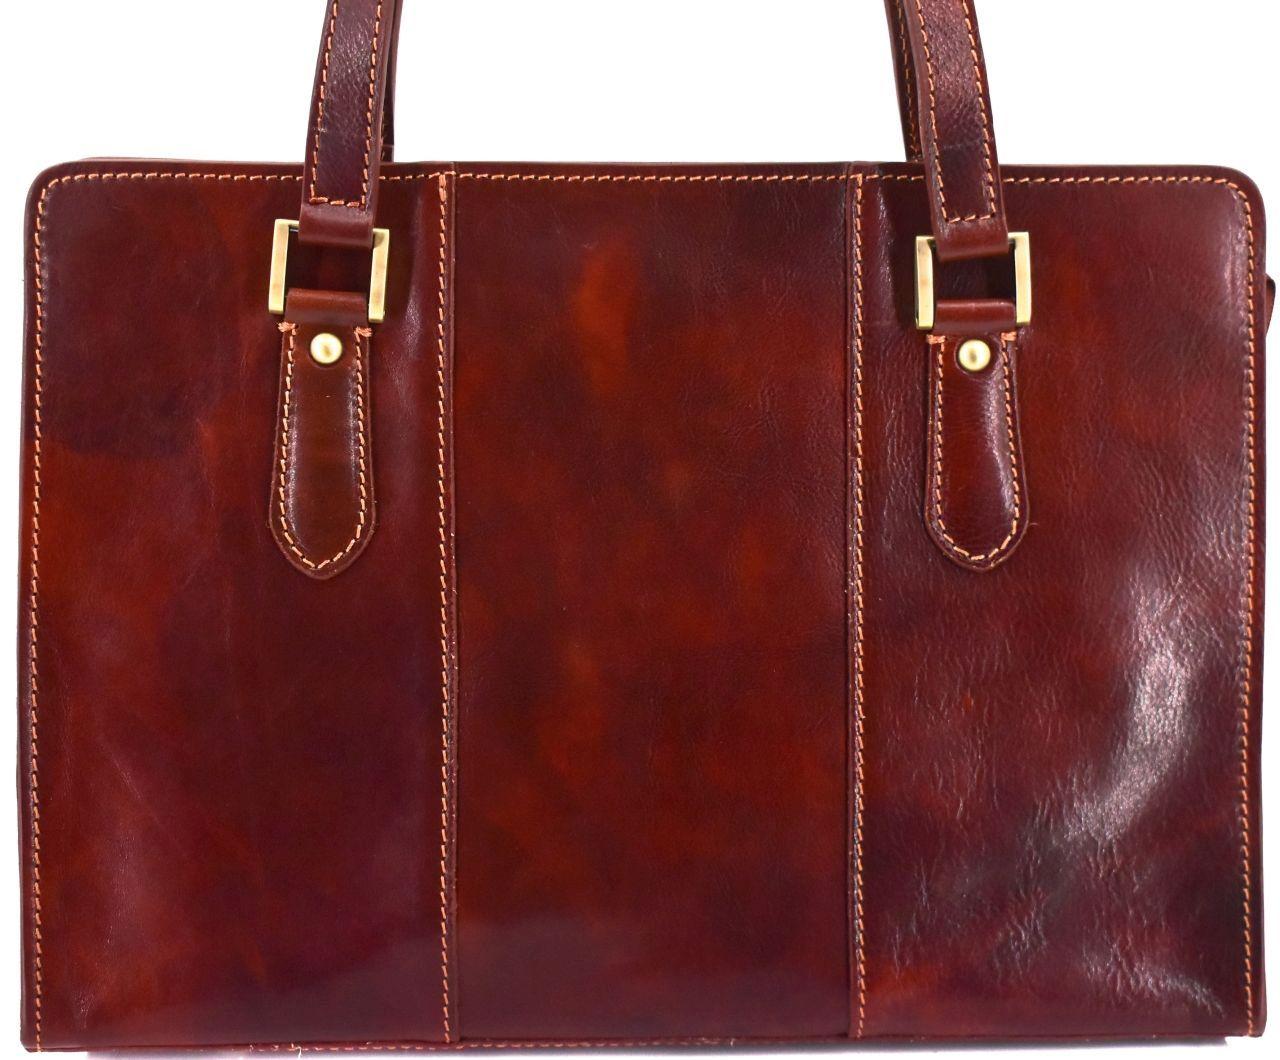 Dámská kožená kabelka Arteddy - hnědá 33955